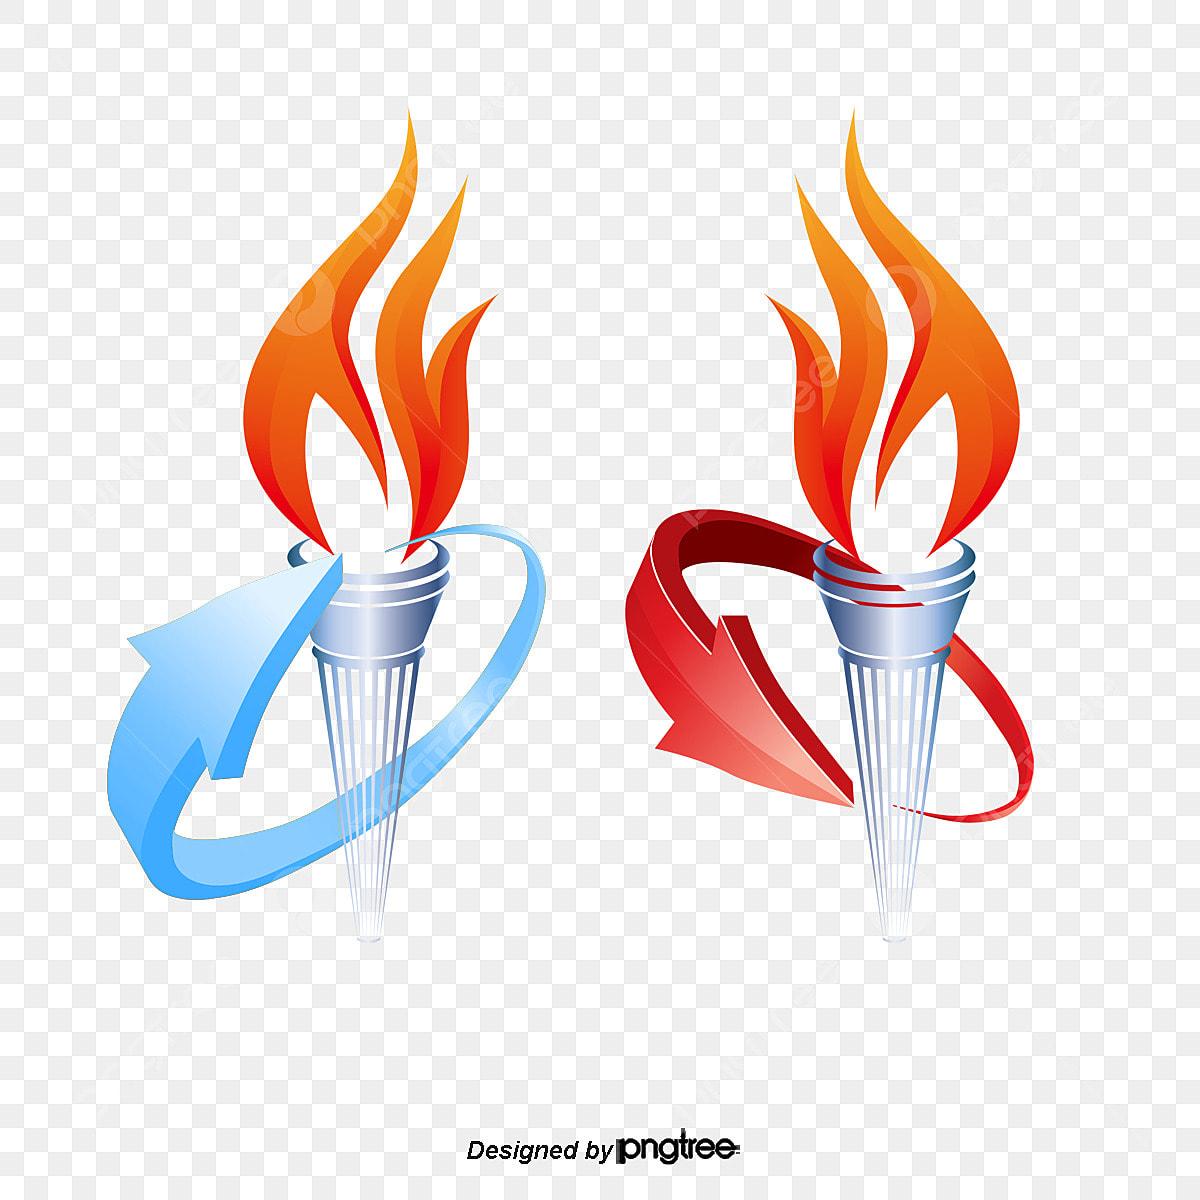 ночью олимпийского факела в картинках результаты конкурсов сможете